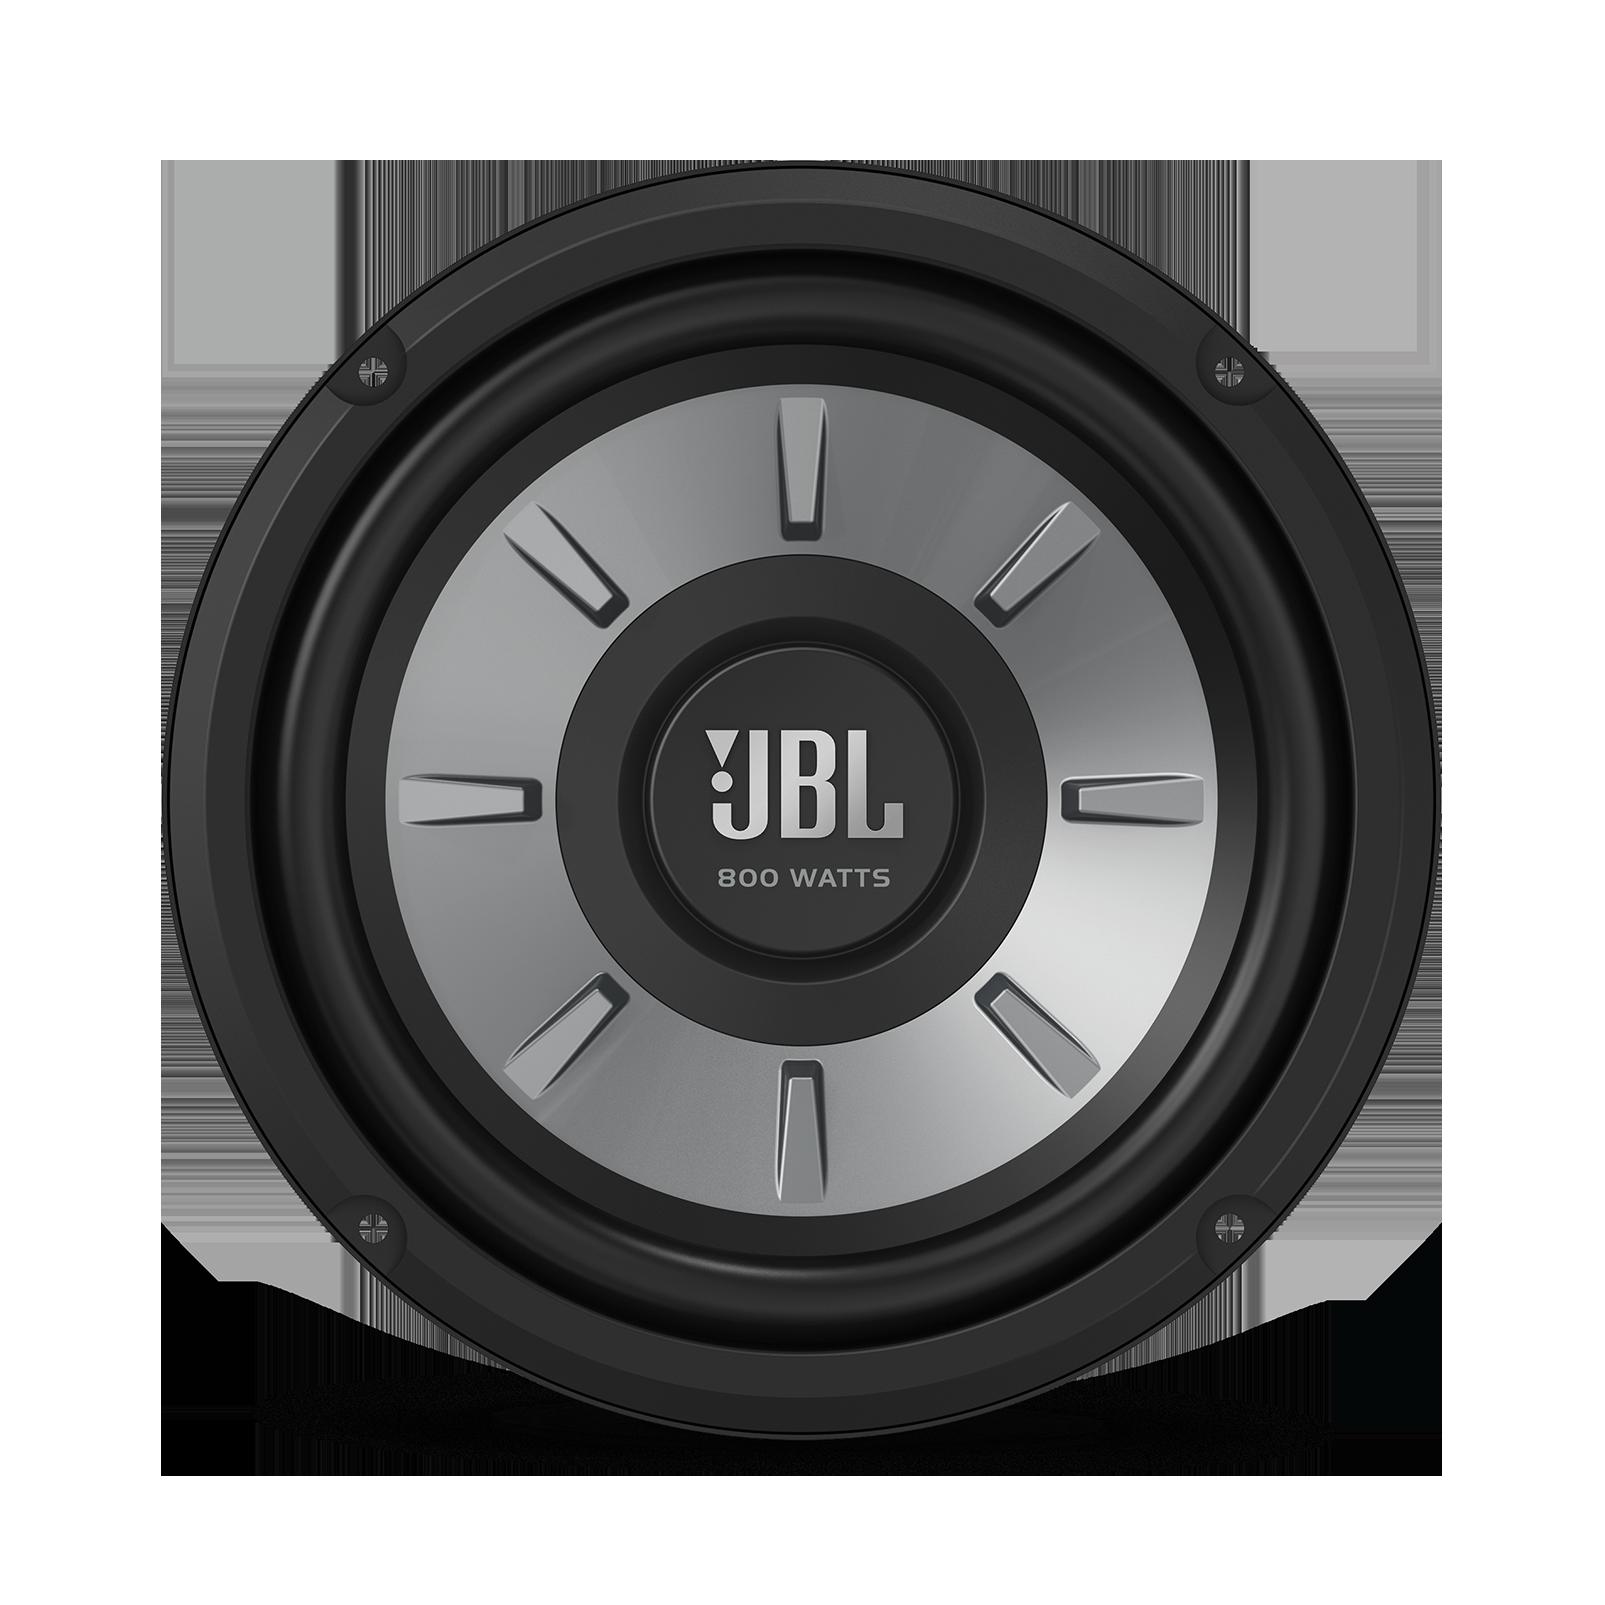 Jbl Car Speakers Uk